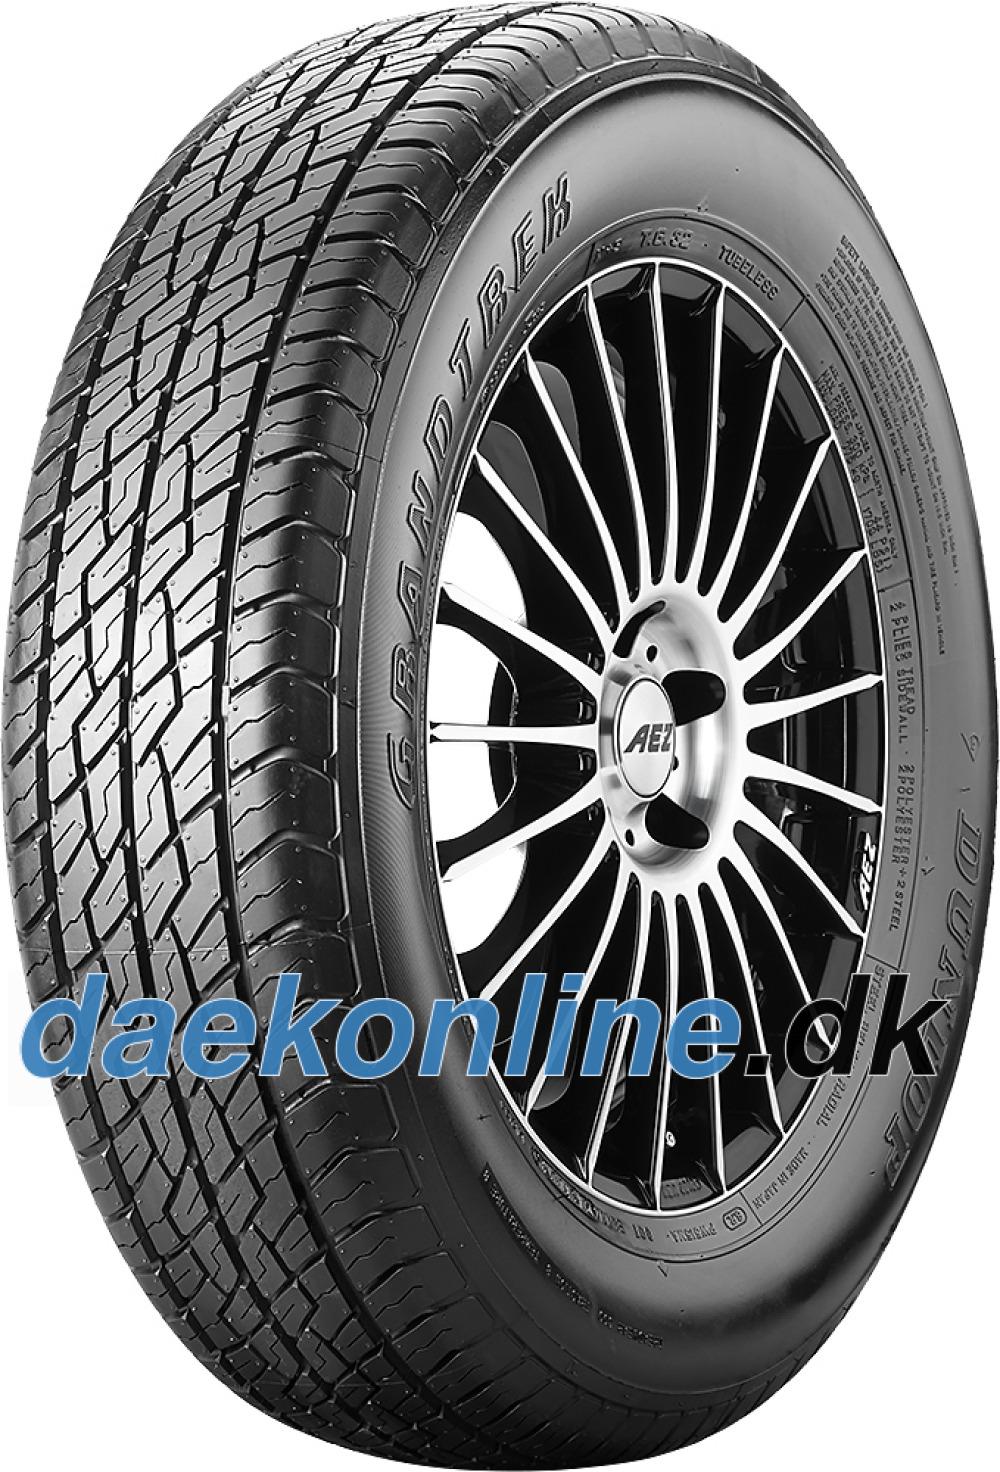 dunlop-grandtrek-tg-32-21570-r16-99s